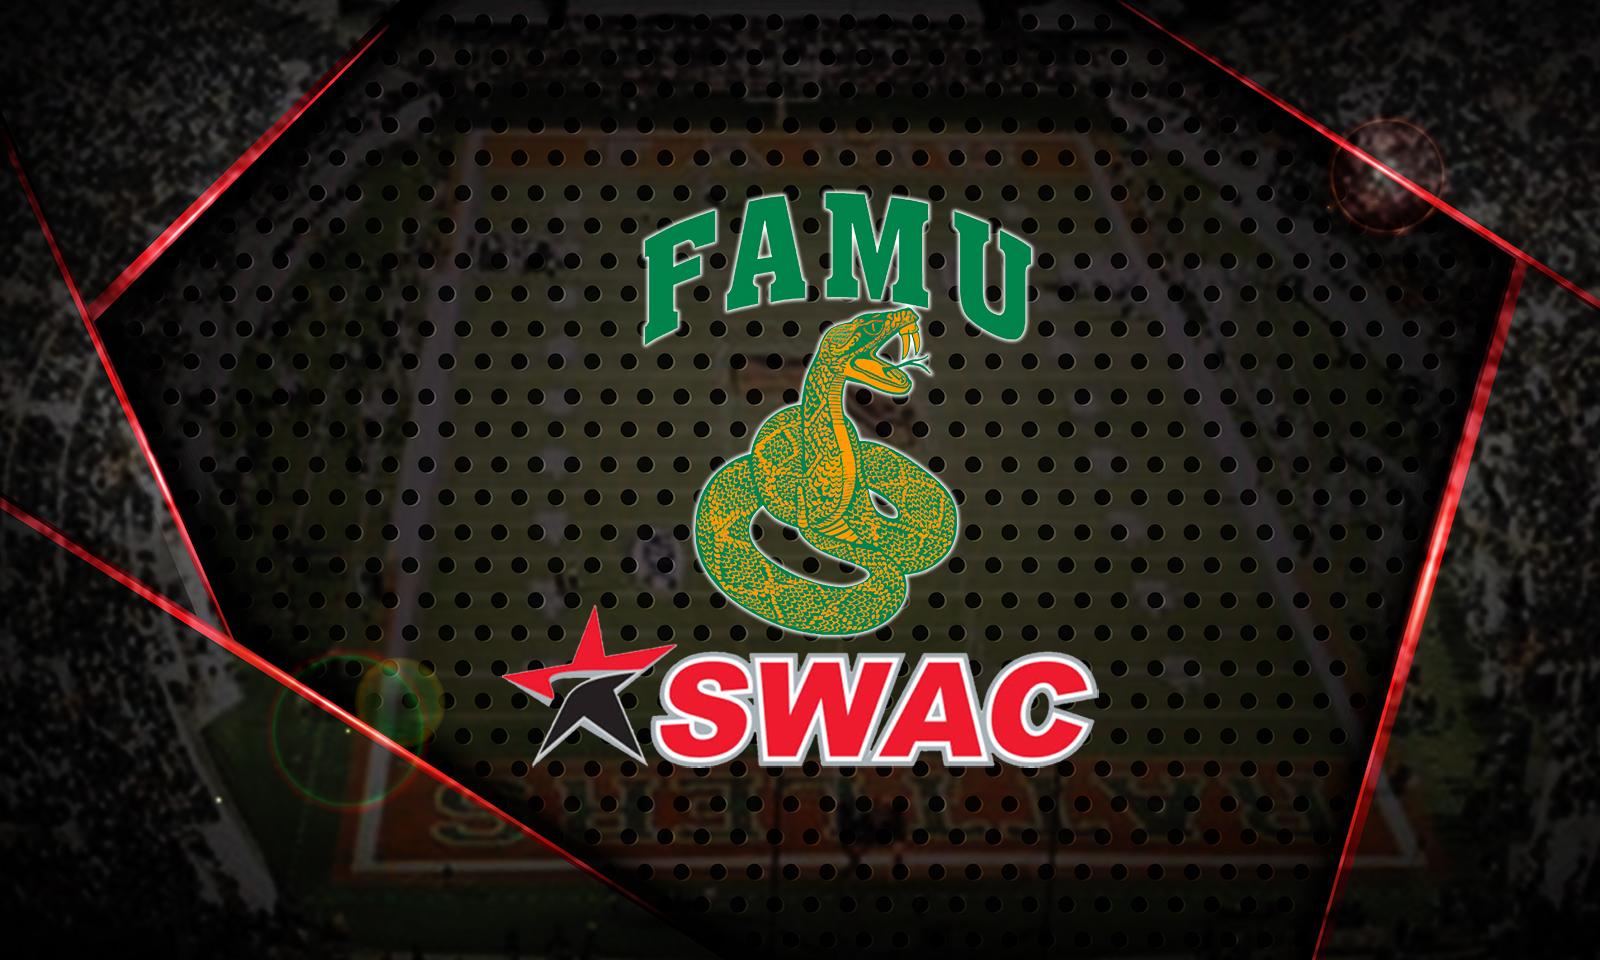 FAMU SWAC